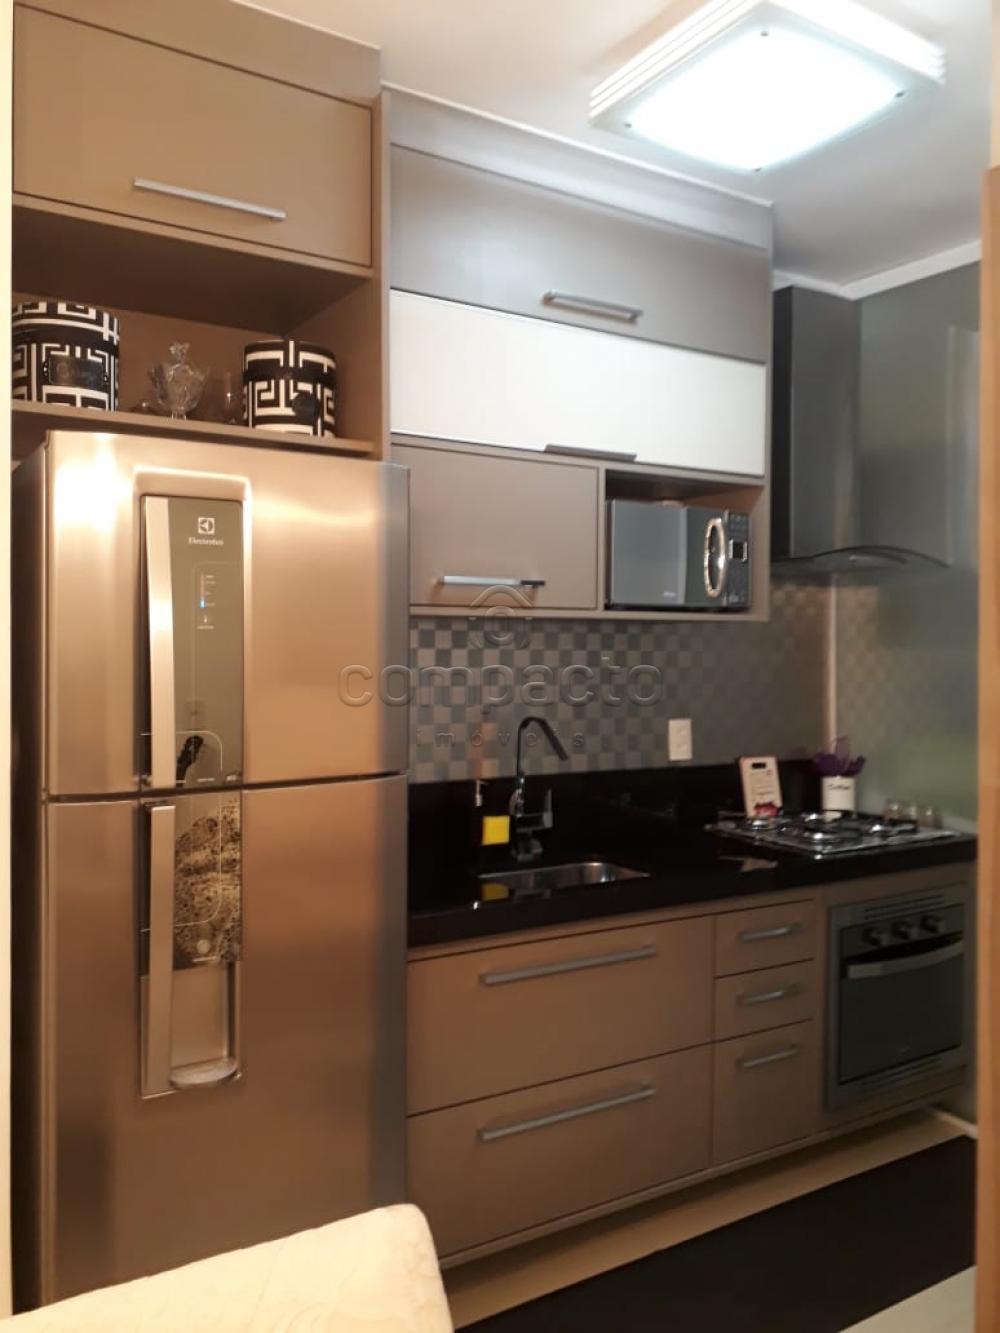 Comprar Apartamento / Padrão em São José do Rio Preto apenas R$ 235.000,00 - Foto 11